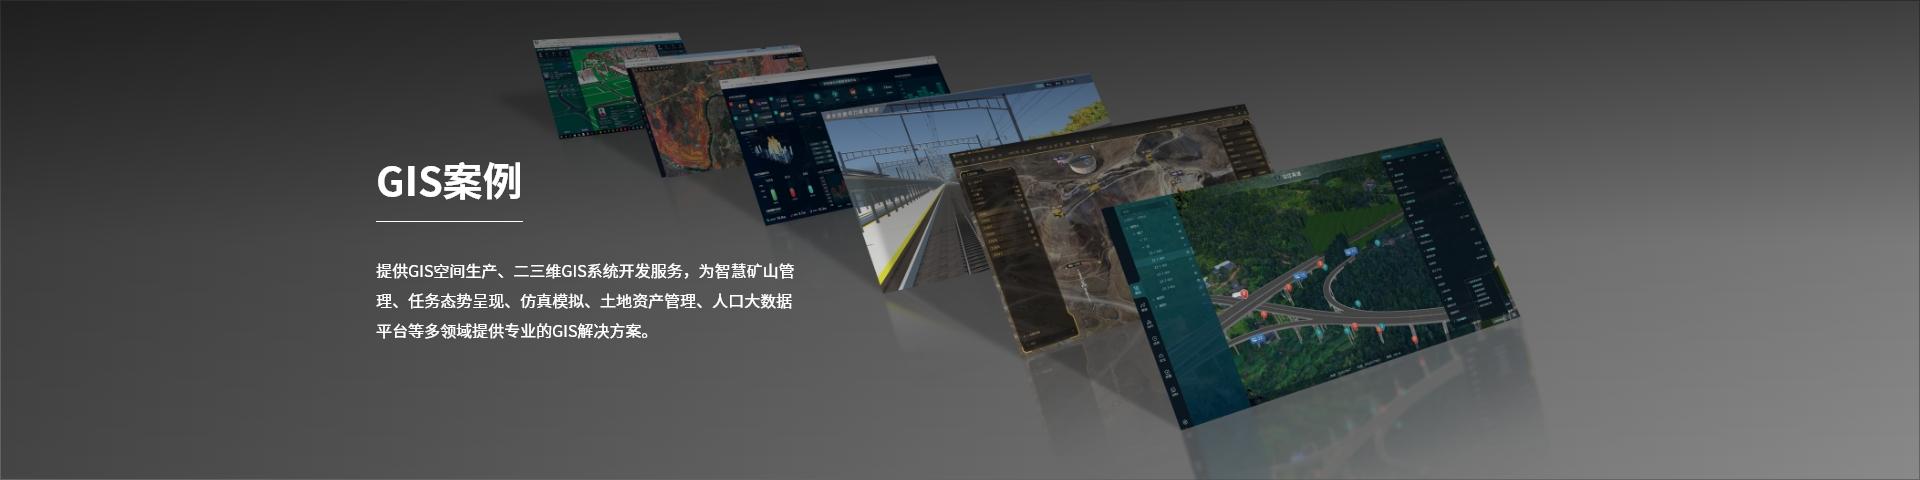 提供GIS空间生产、二三位GIS系统开发服务,为智慧矿山管理、任务态势呈现、仿真模拟、土地资产管理、人口大数据平台等多领域提供专业的GIS解决方案